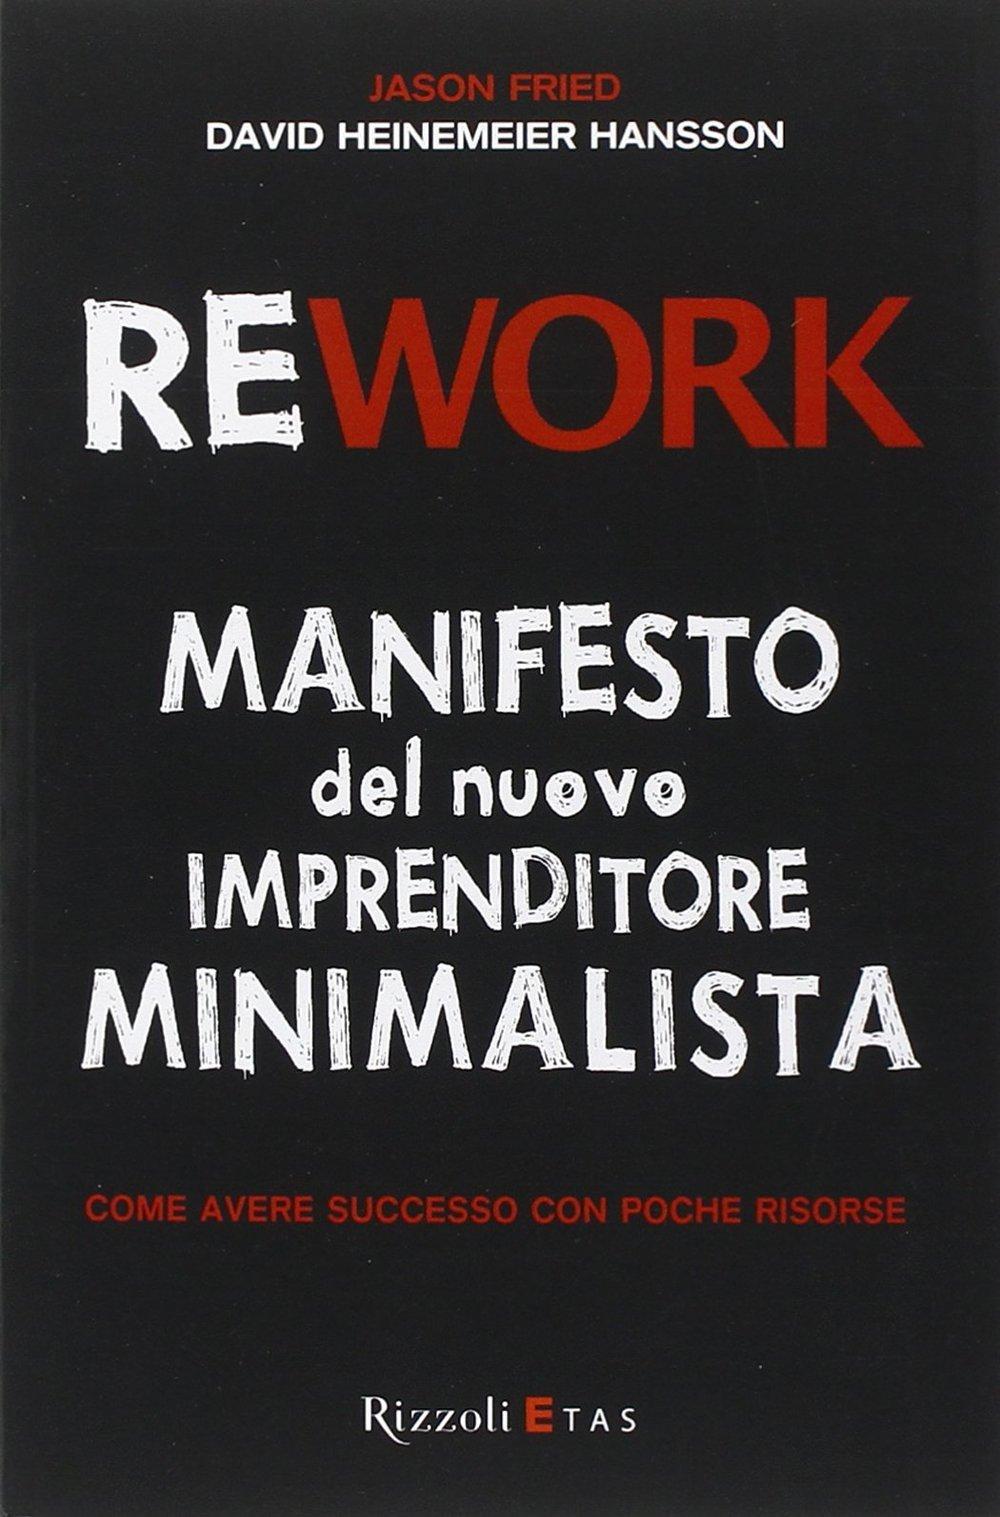 Rework. Manifesto del nuovo imprenditore minimalista. Come avere successo con poche risorse.